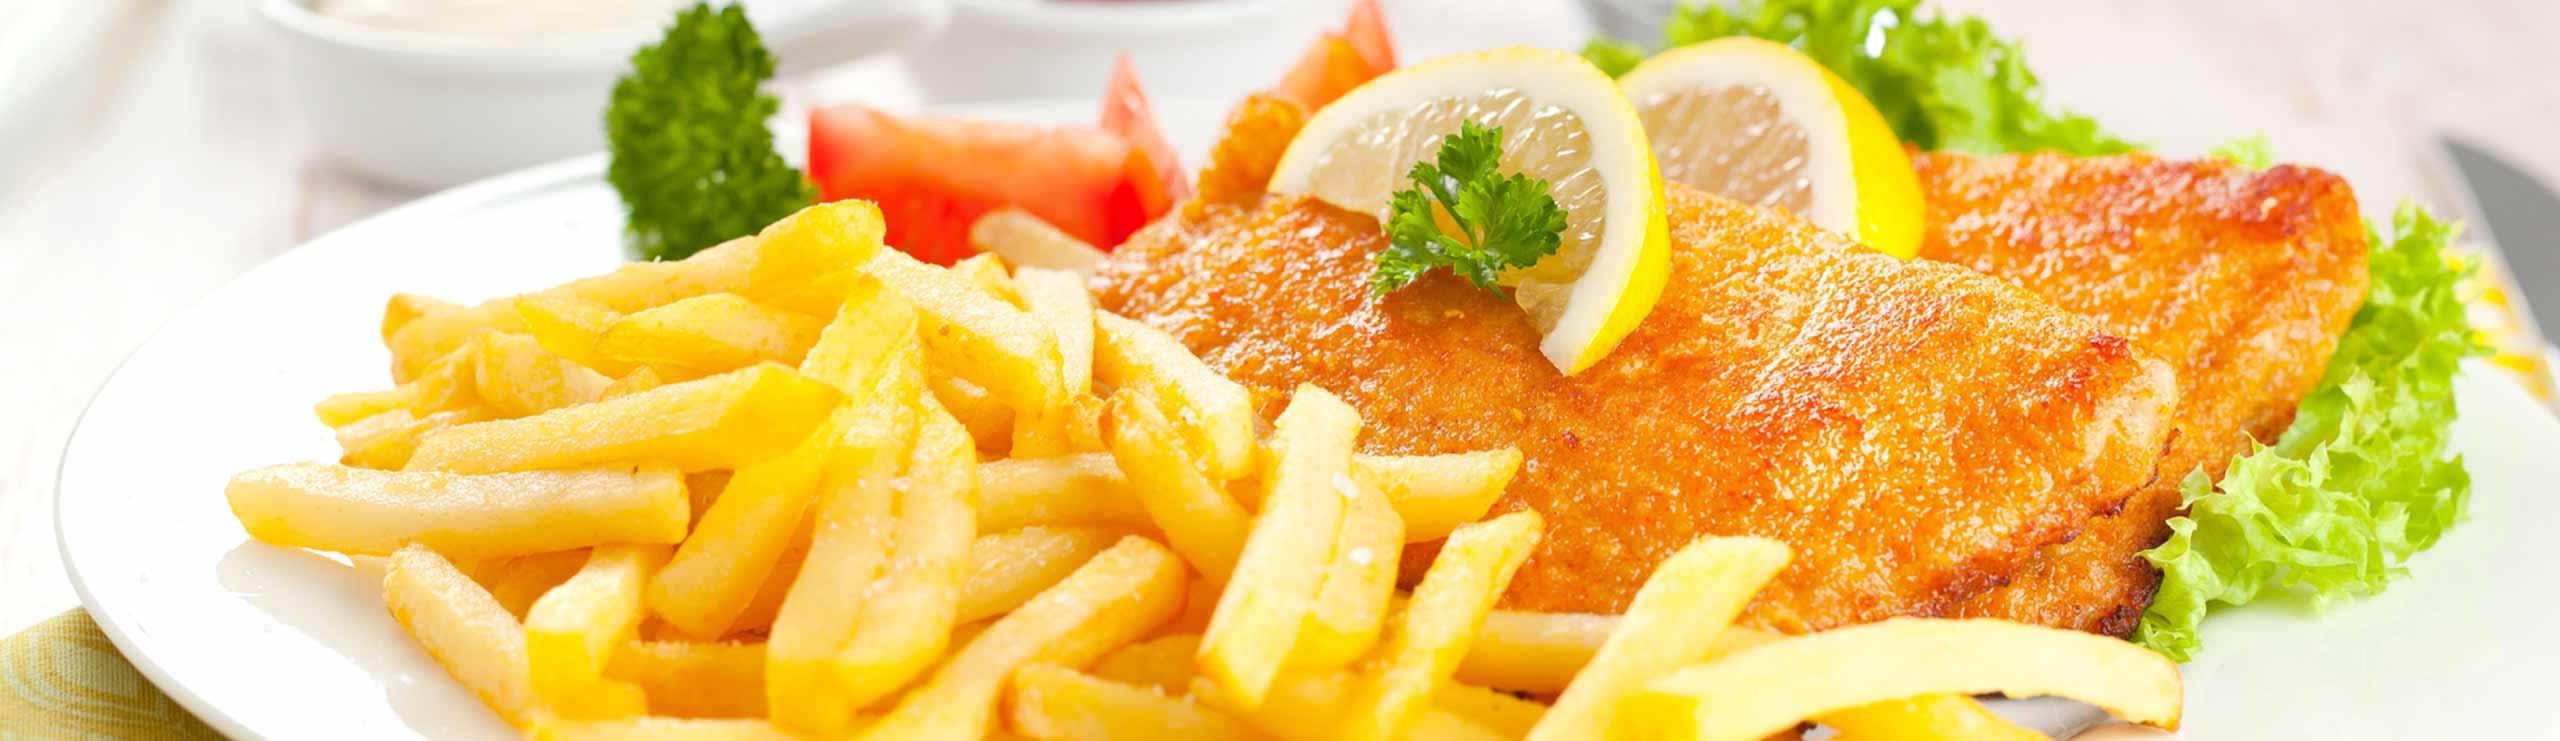 Vorspeisen, Fisch- und Fleischgerichte